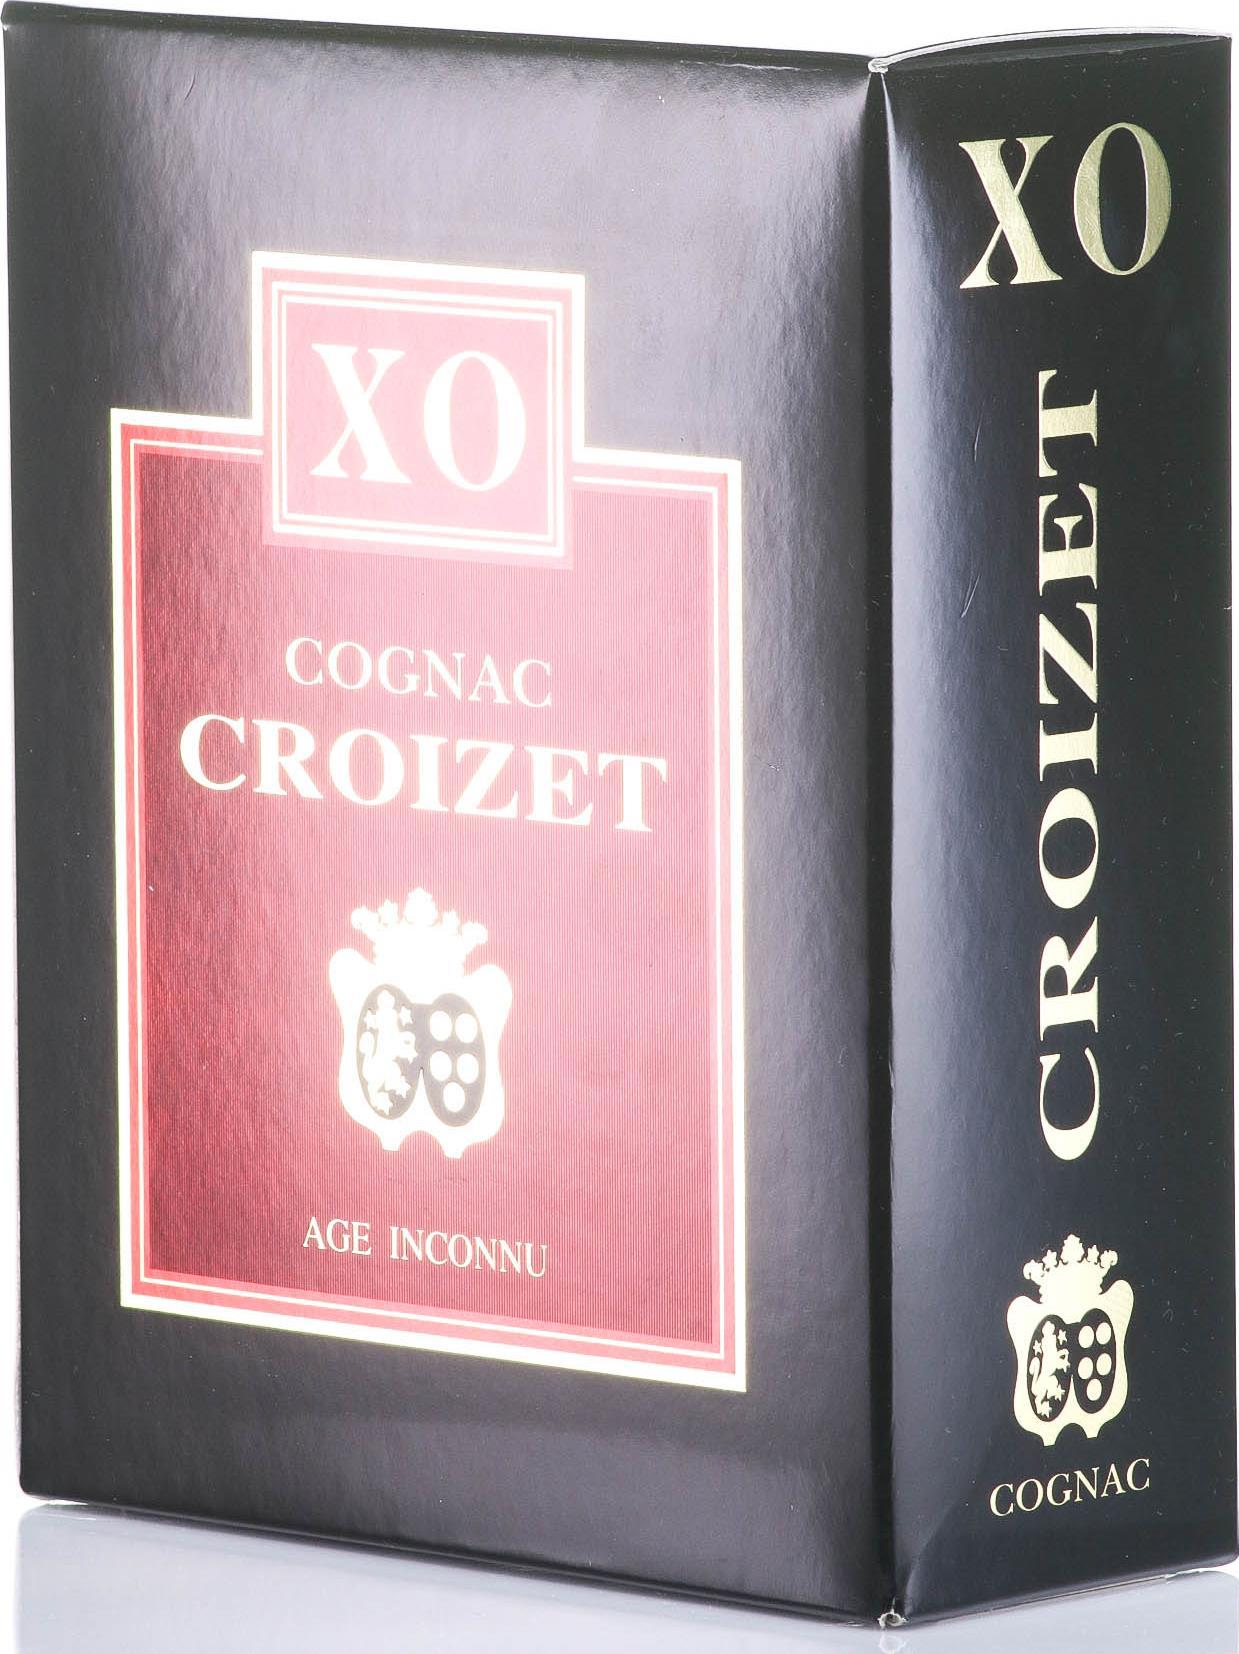 Cognac Croizet XO Age Inconnue